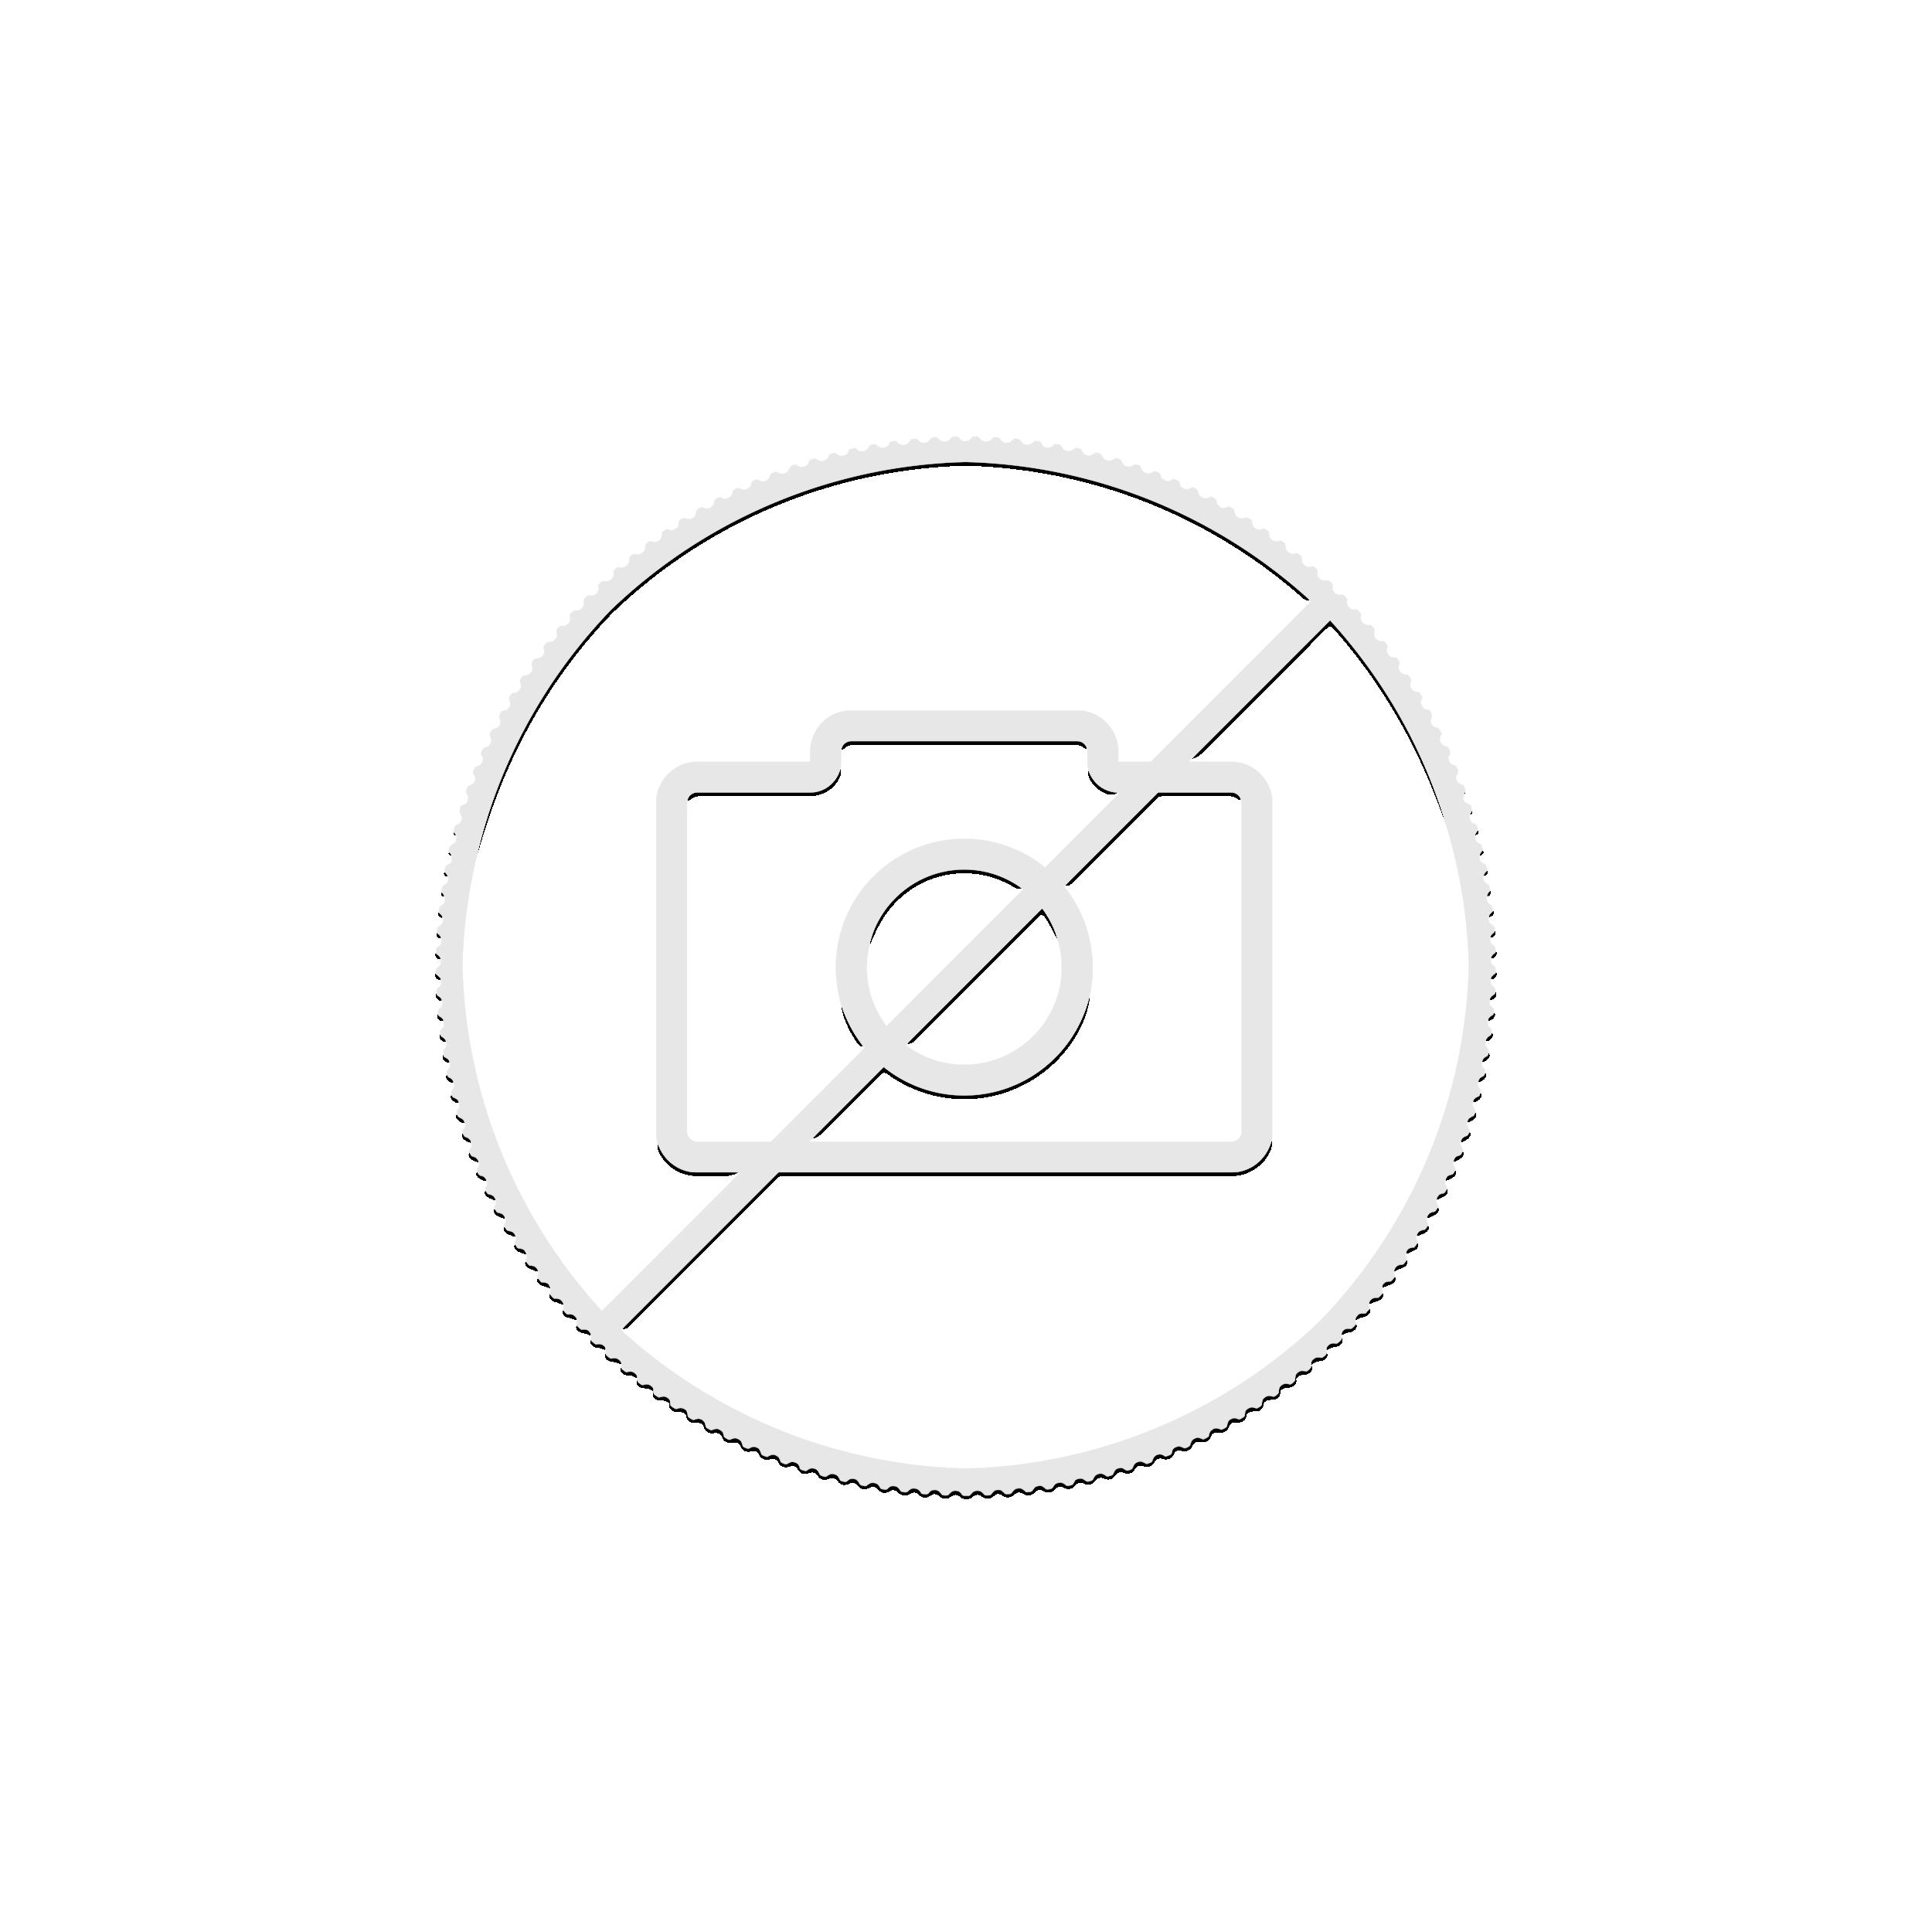 30 Grams silver coin Golden Ring - Panda 2019